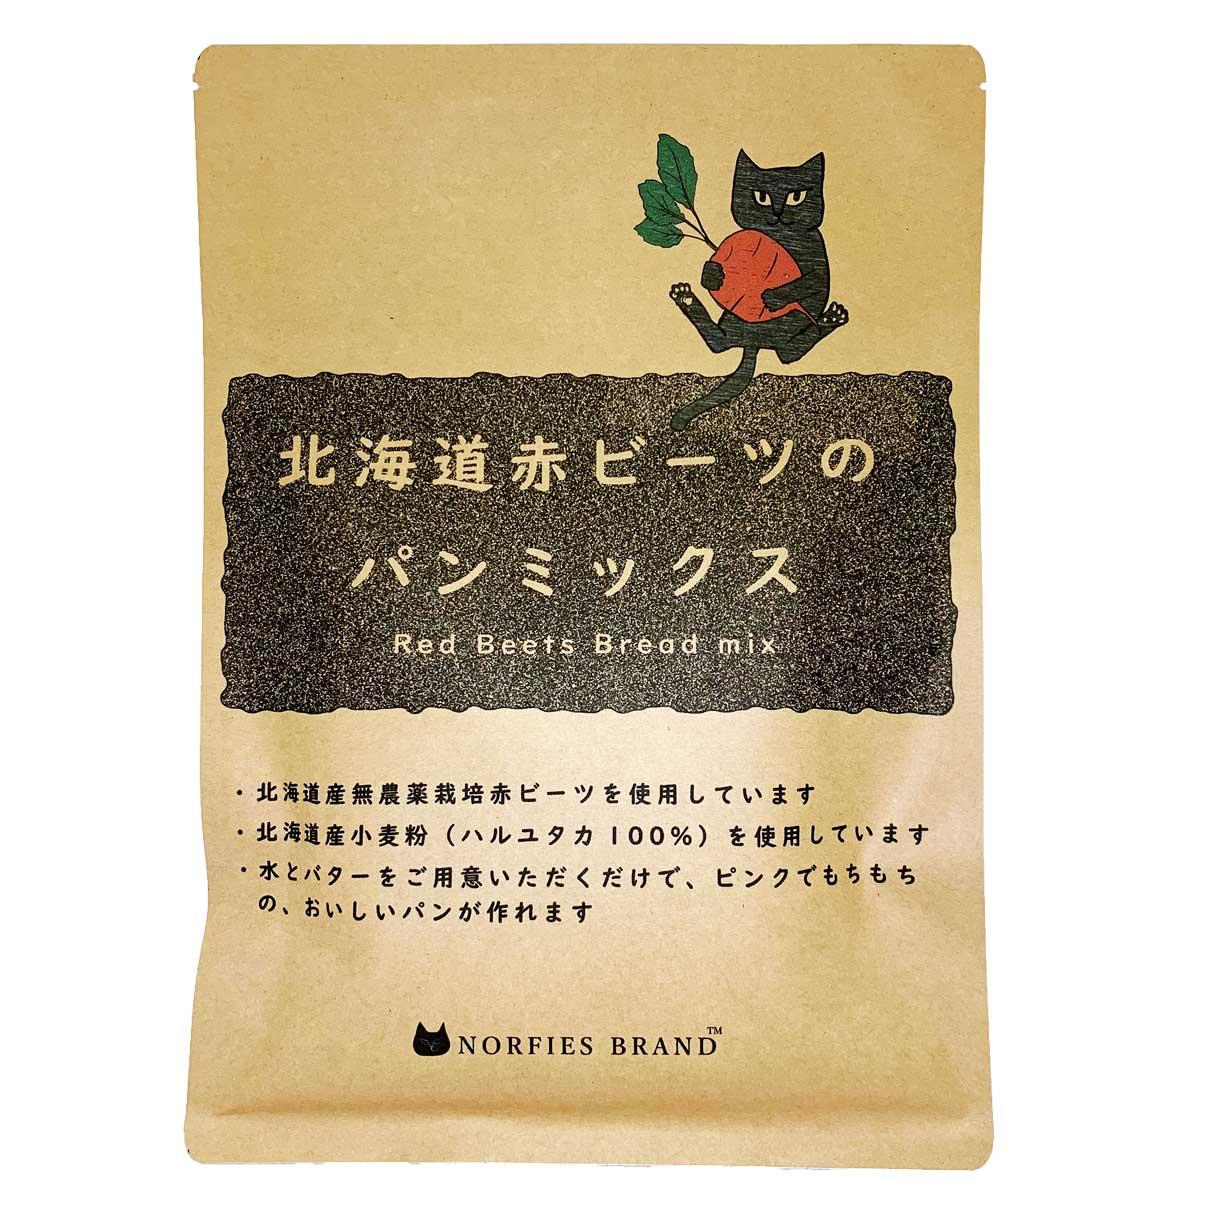 【送料無料★】北海道赤ビーツのパンミックス